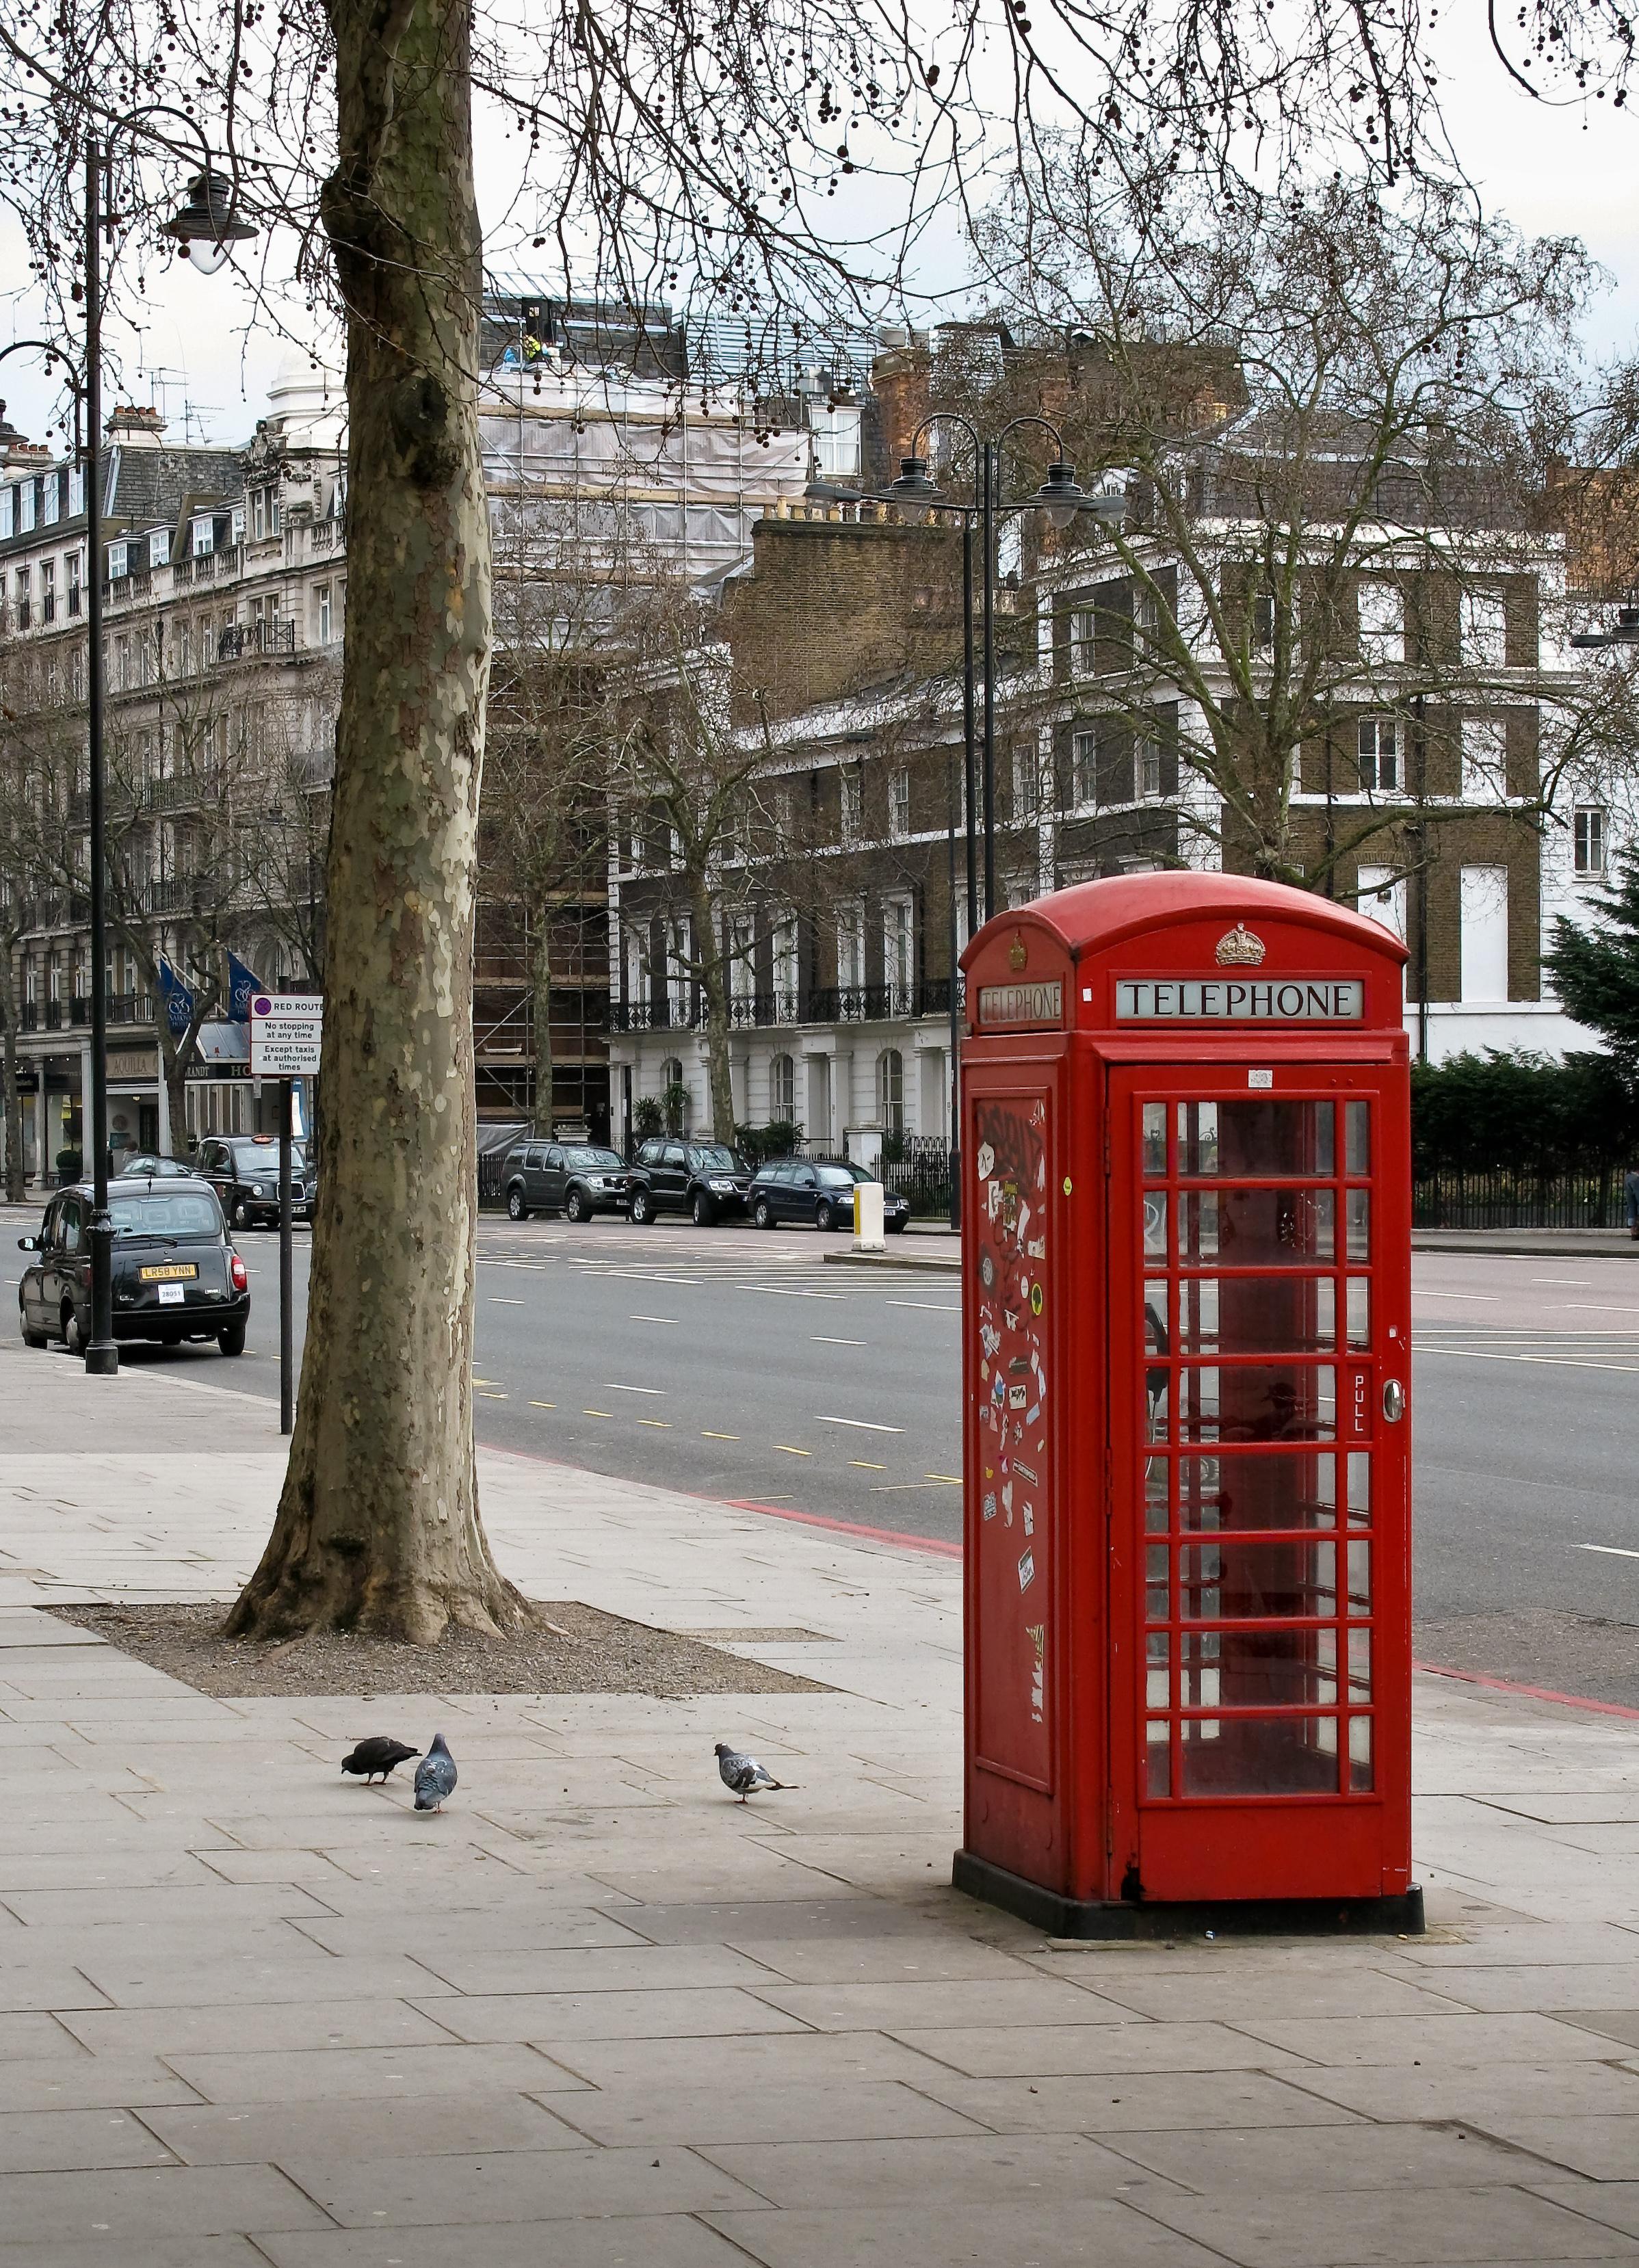 La evolución de las cabinas: de llamadas telefónicas a bibliotecas, puestos de flores o puntos wifi